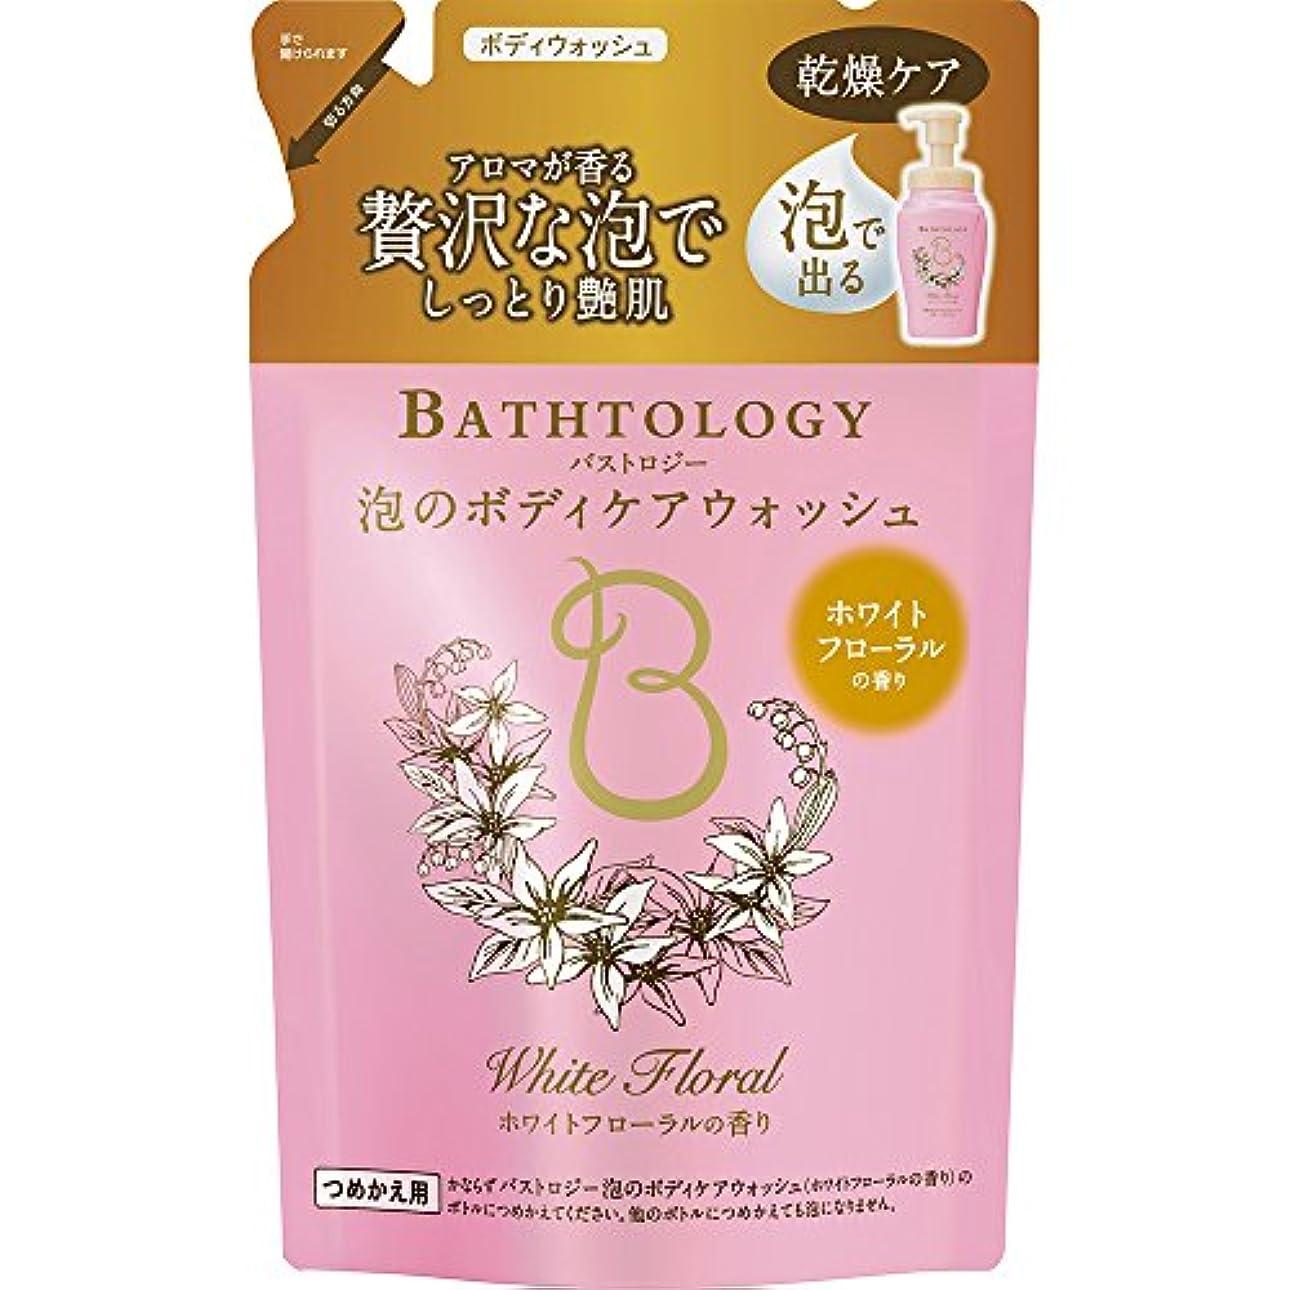 助けになる完璧大学生BATHTOLOGY 泡のボディケアウォッシュ ホワイトフローラルの香り 詰め替え 350ml